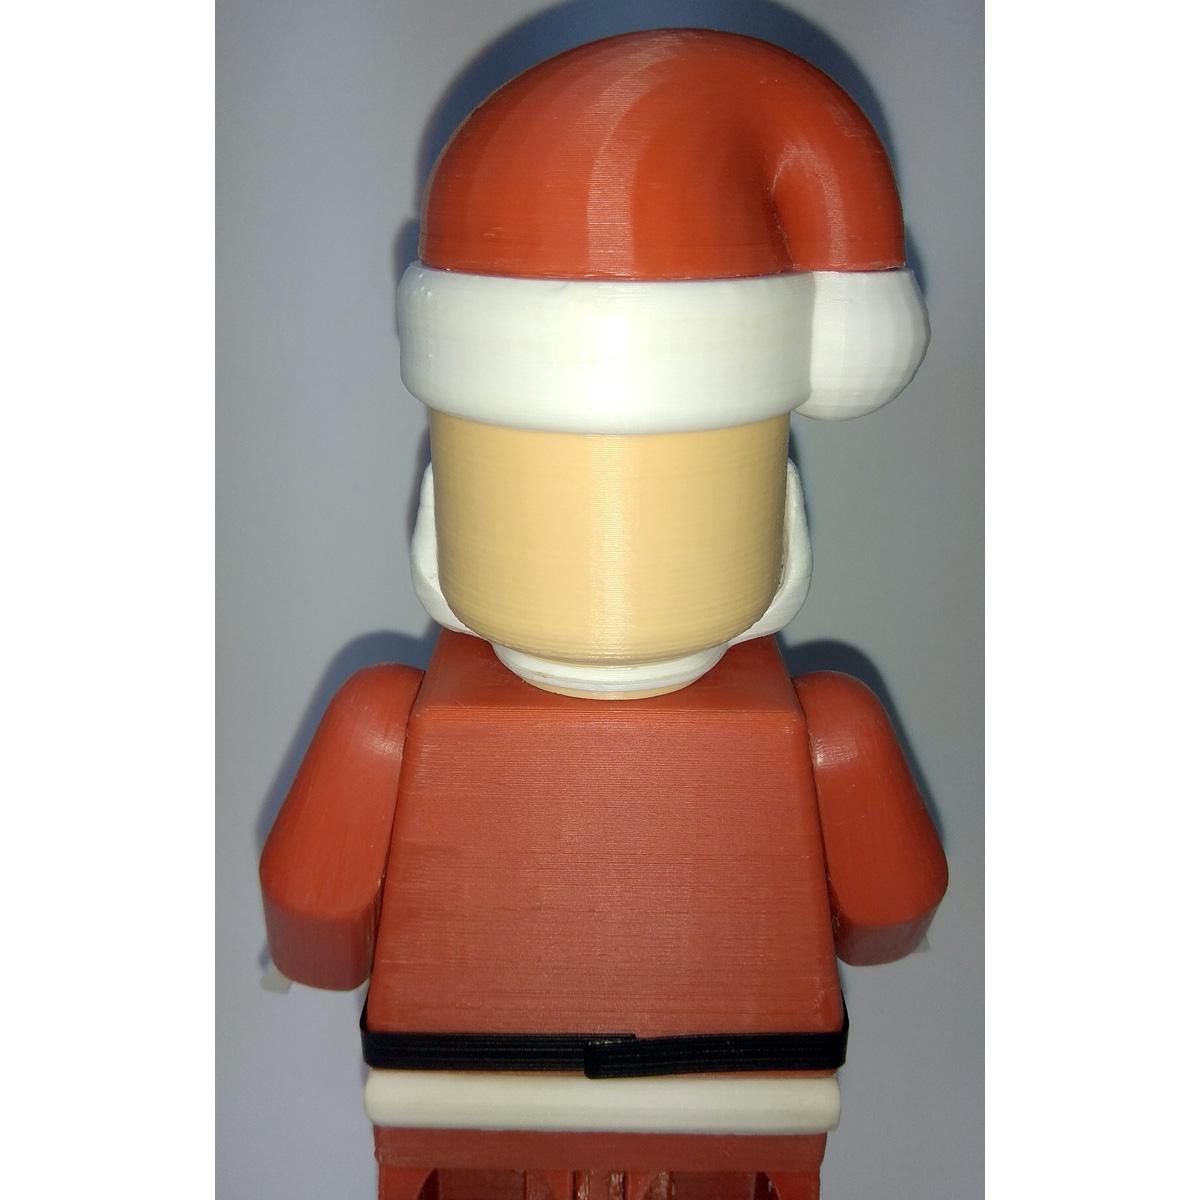 Lego_Minifig_-_Santa_Clause_7.jpg Télécharger fichier STL gratuit Noël géant - Père Noël • Modèle à imprimer en 3D, HowardB